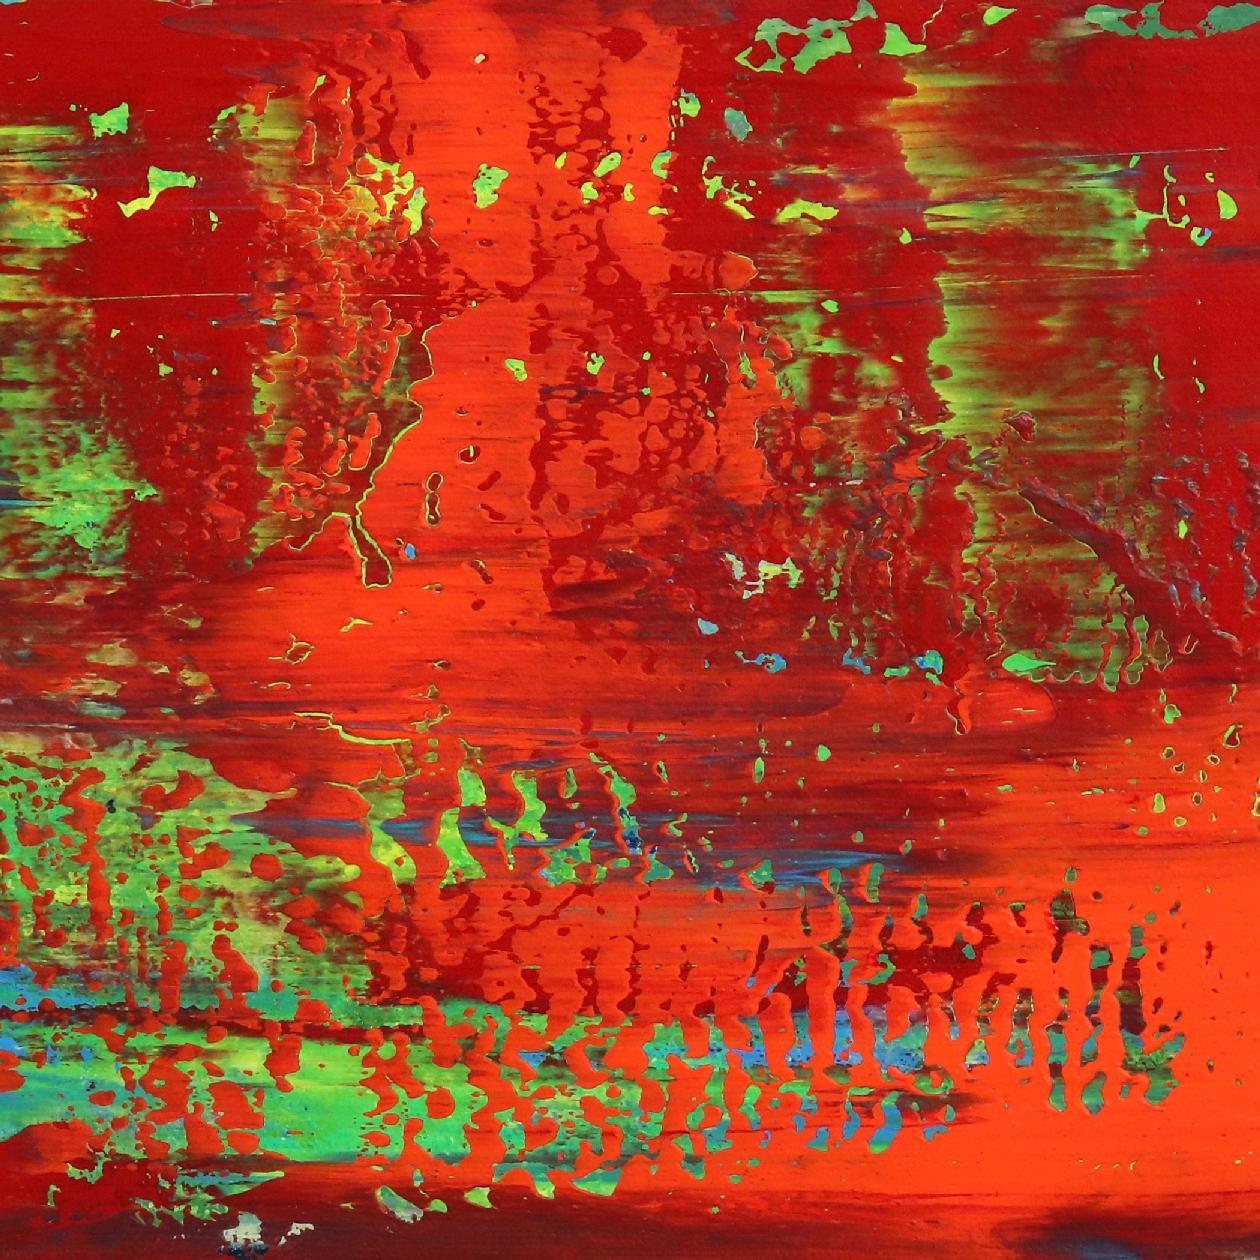 Detail - Rojo infinito (Fiery abstract) 6 (2020) by Nestor Toro